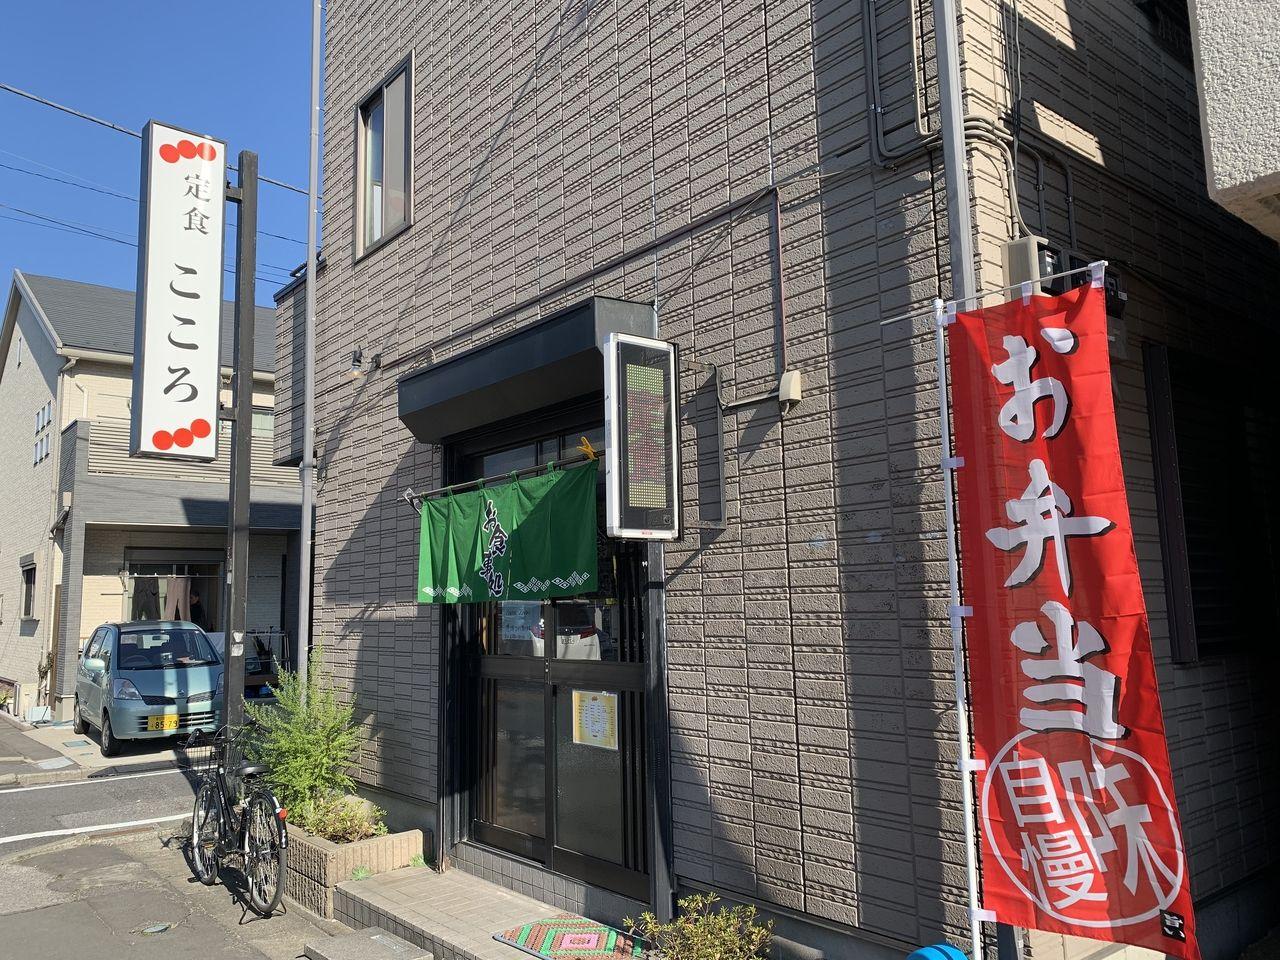 【三郷市食べ歩きブログ】つけめんさなだの跡地にできた「定食こころ」さんへ行ってきました!